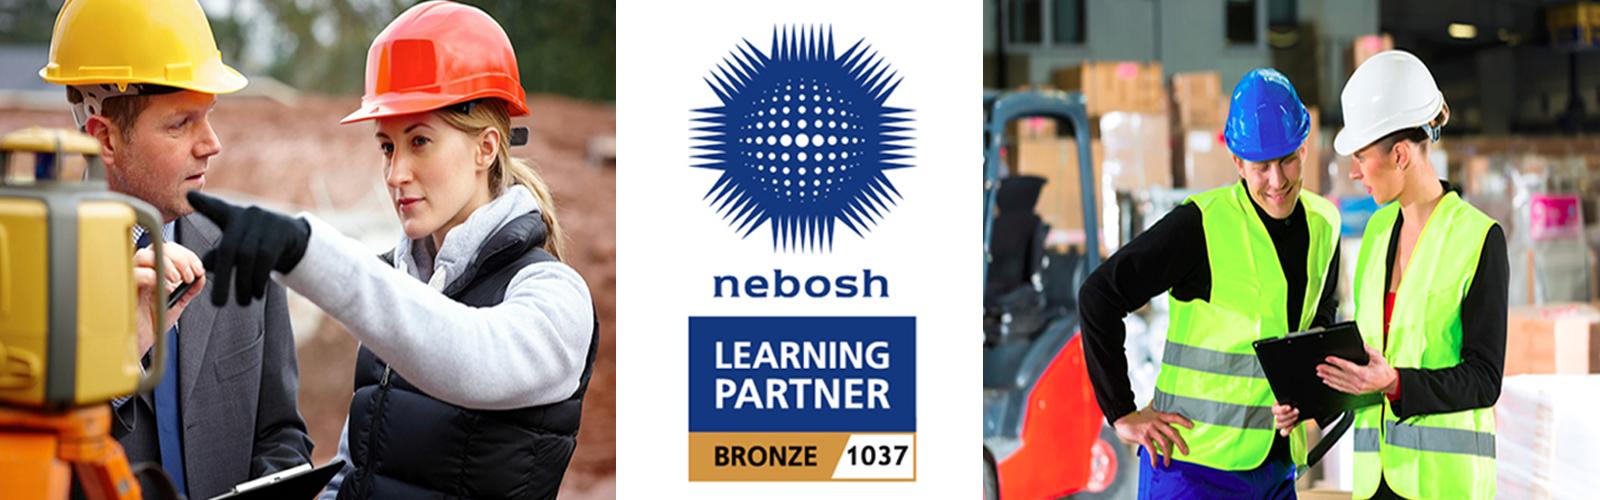 NEBOSH-IGC-SLIDE-1-BRONZE